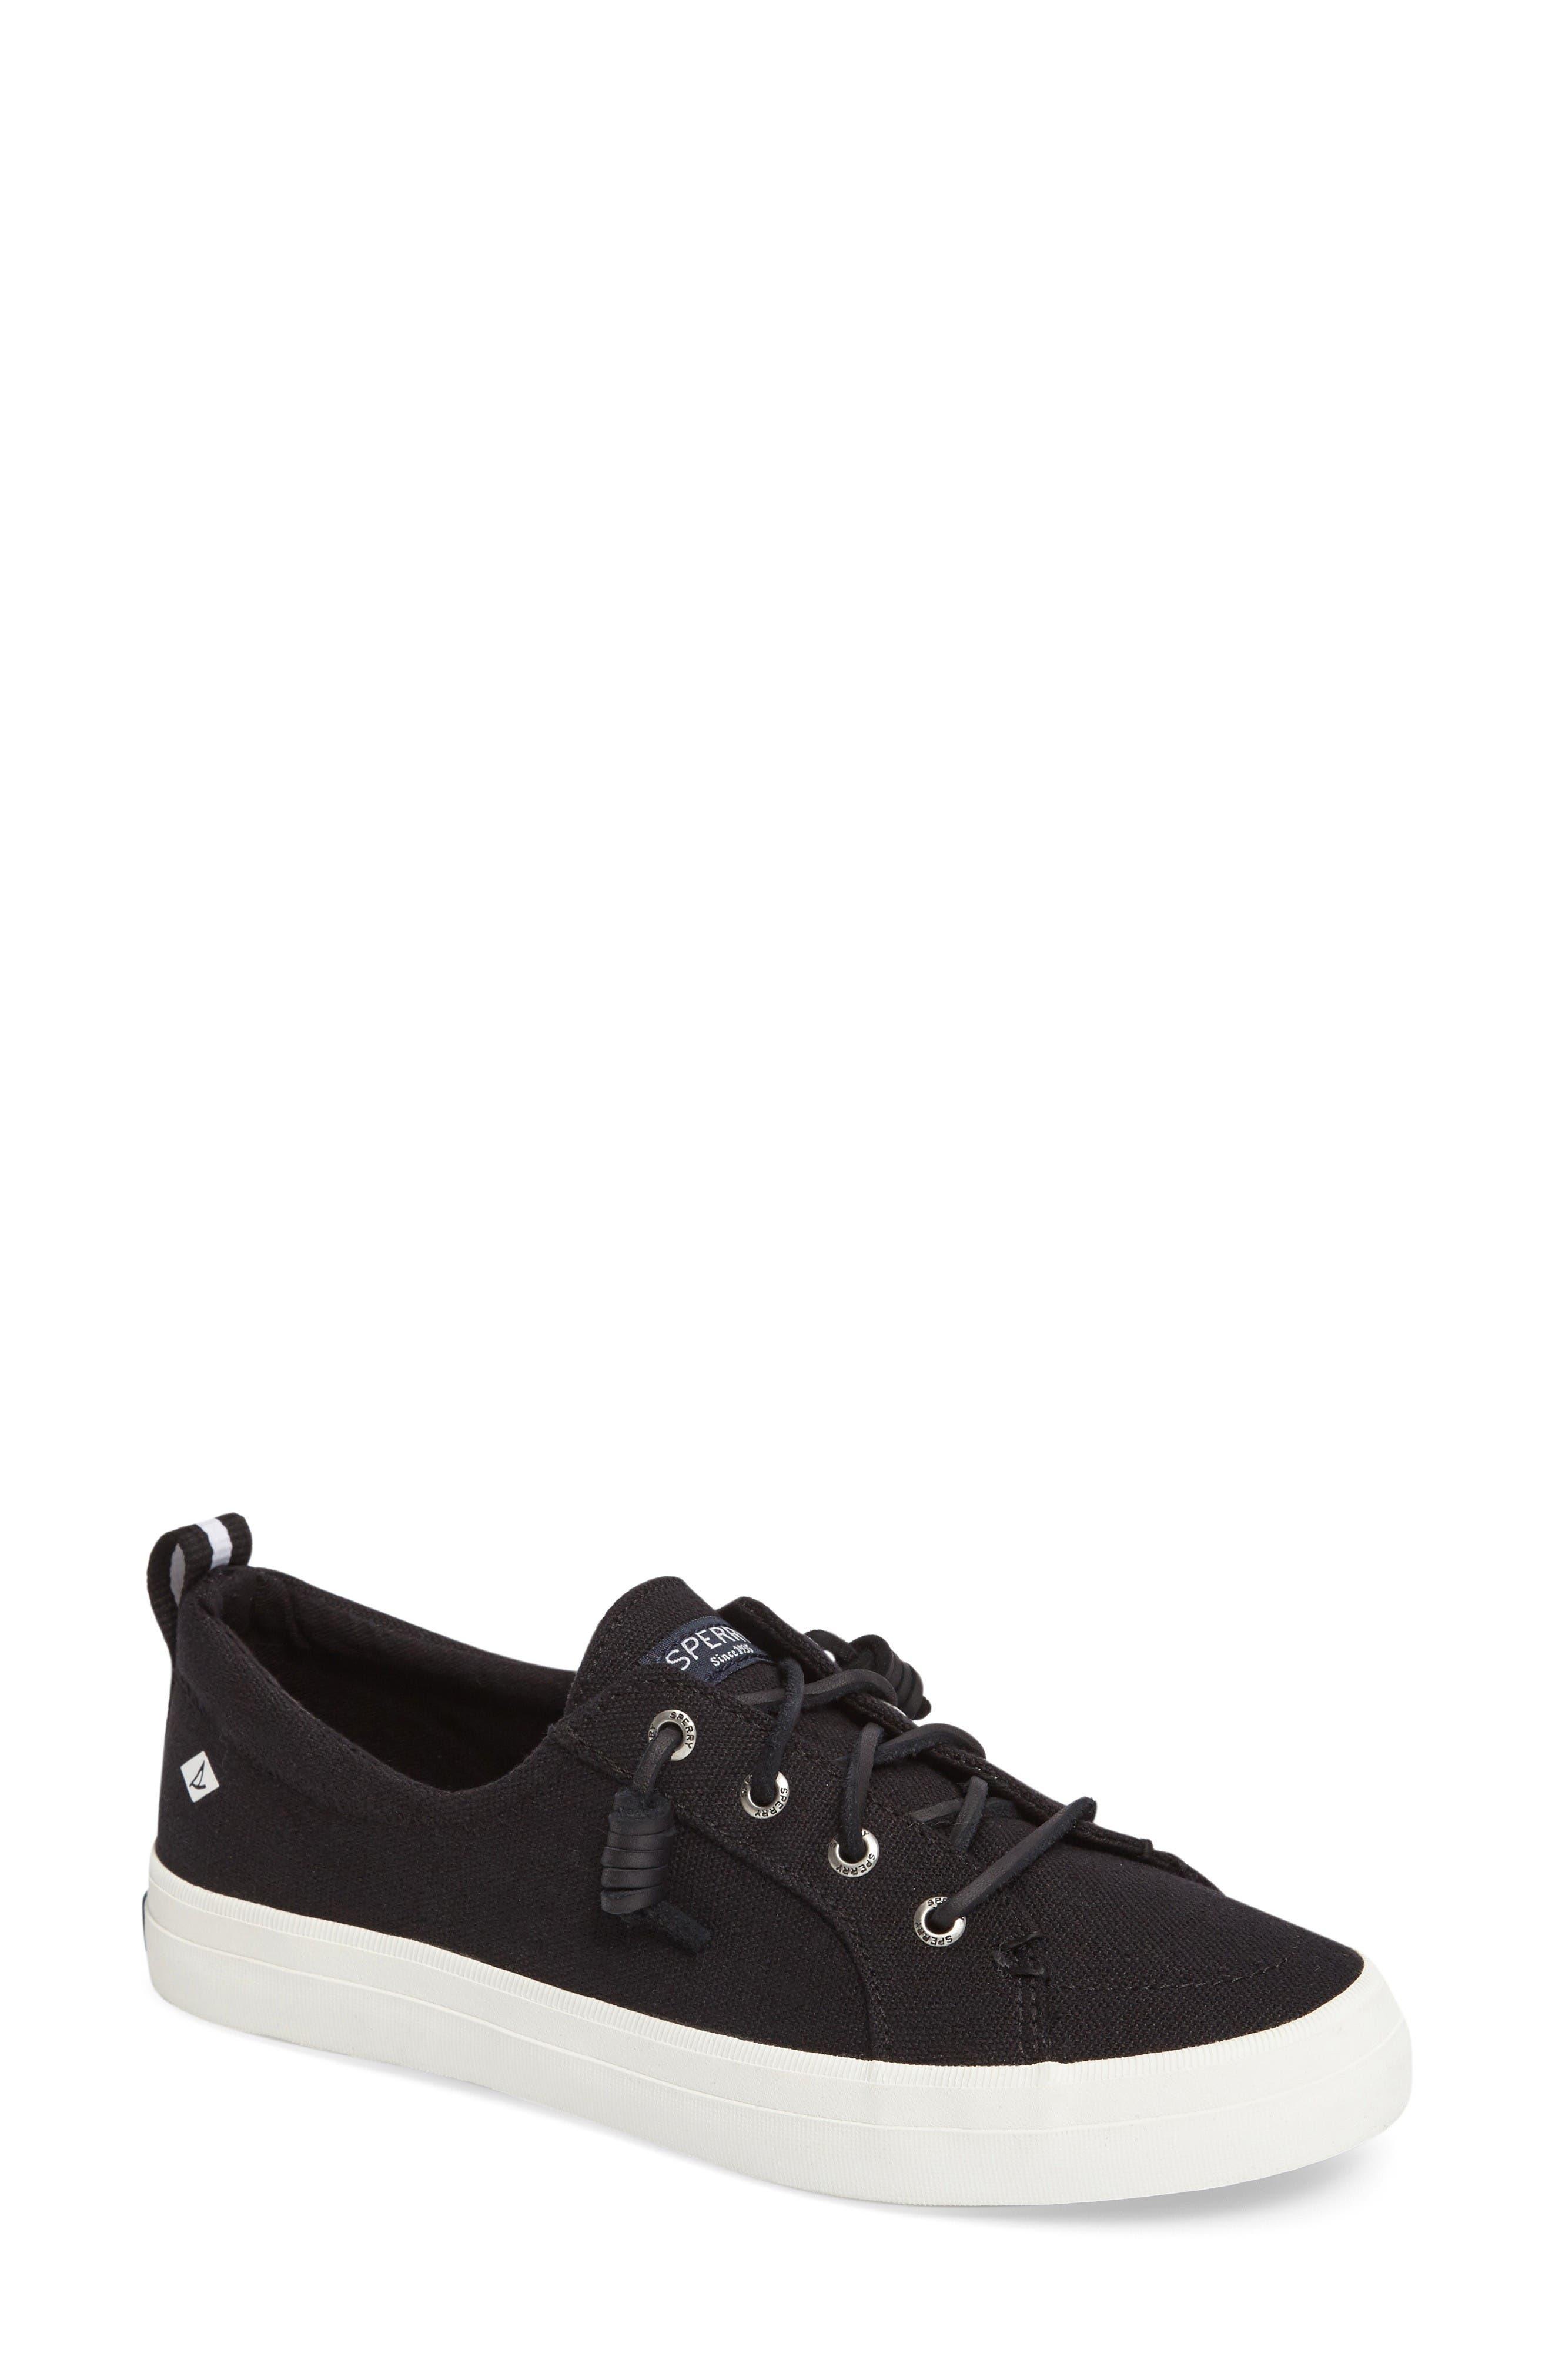 Sperry Crest Vibe Slip-On Sneaker (Women) (Regular Retail Price: $59.95)